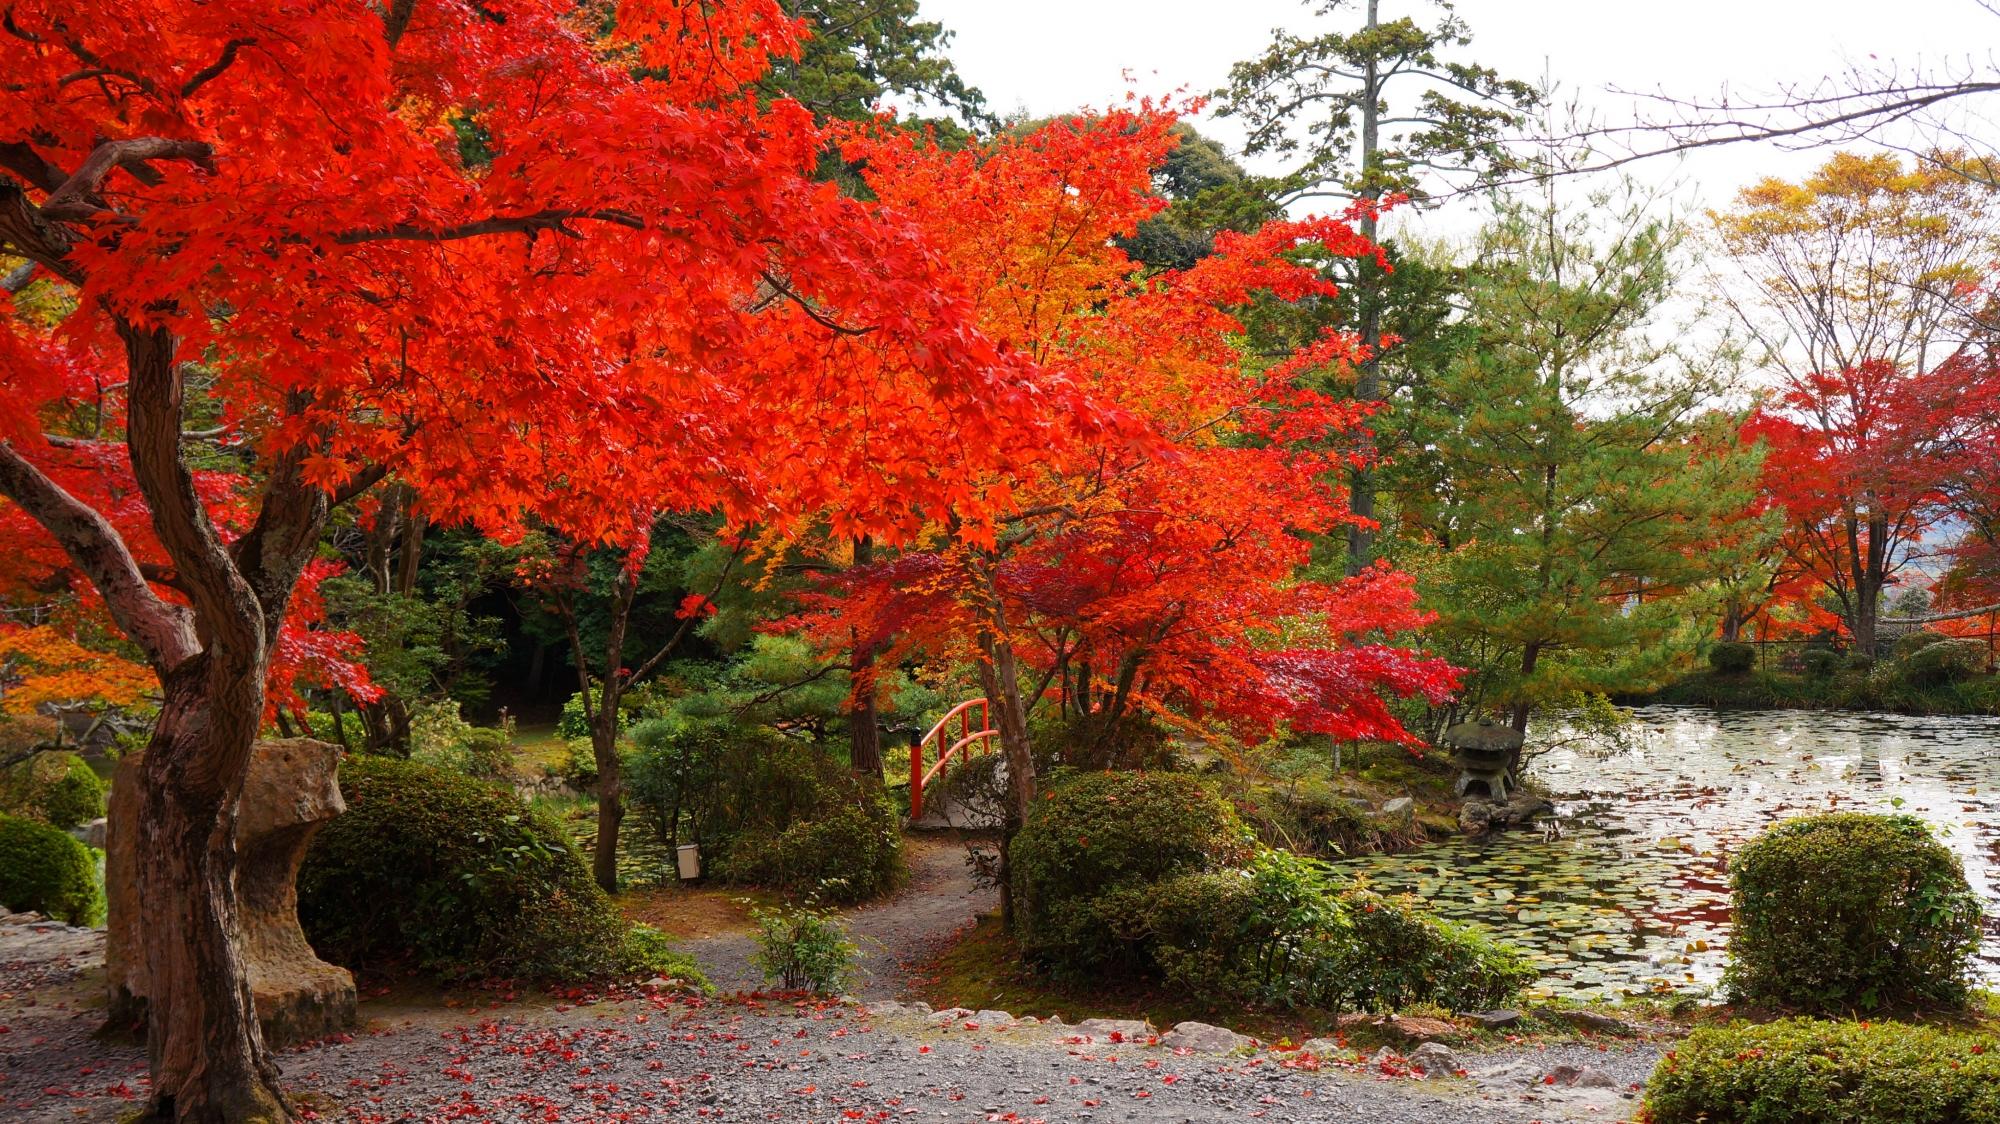 池の畔の絵になる華やかな紅葉